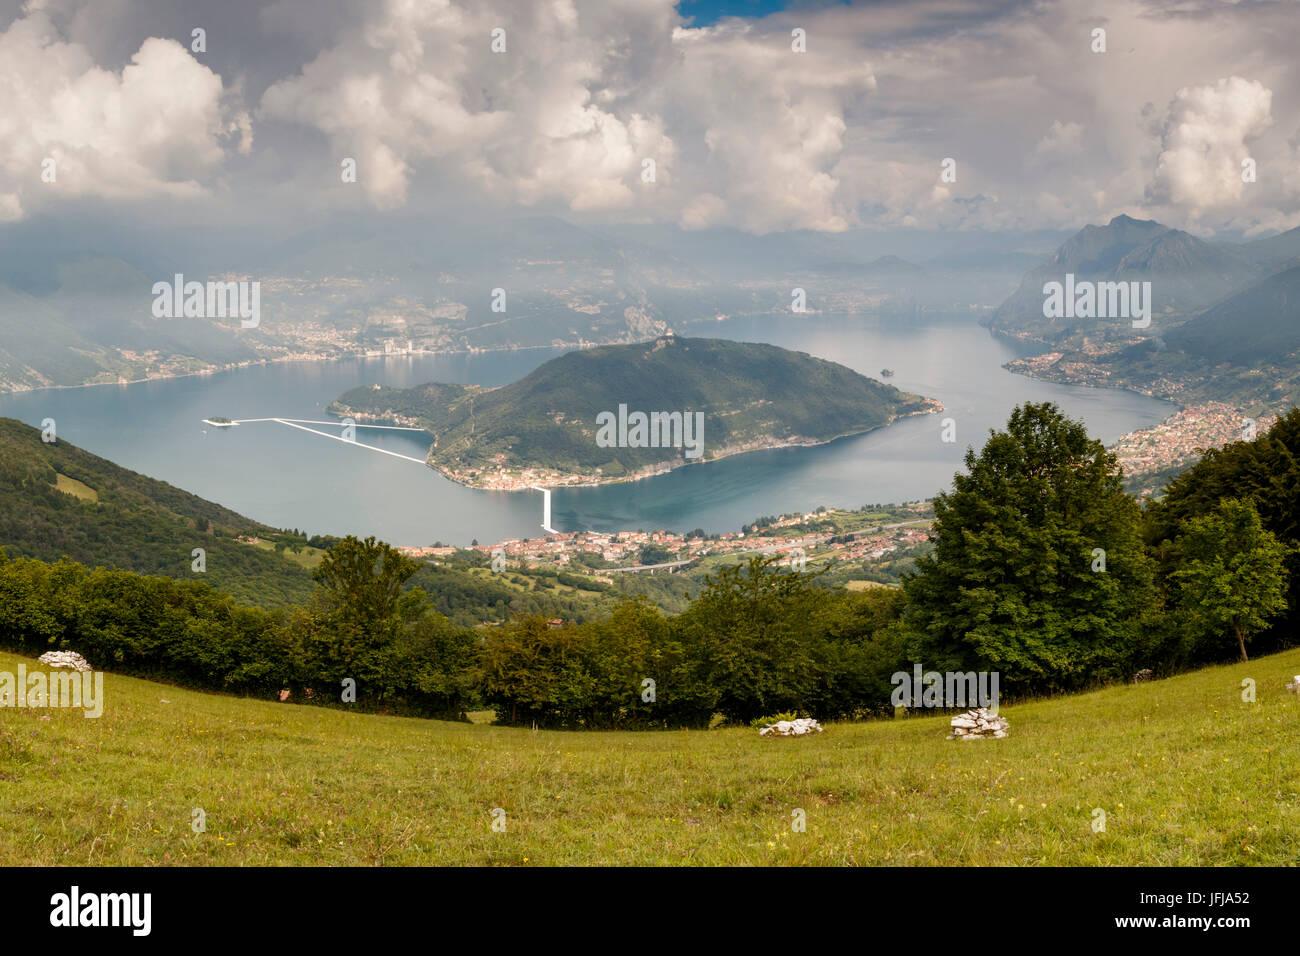 Iseo Lake, Italy, Montisola, - Stock Image